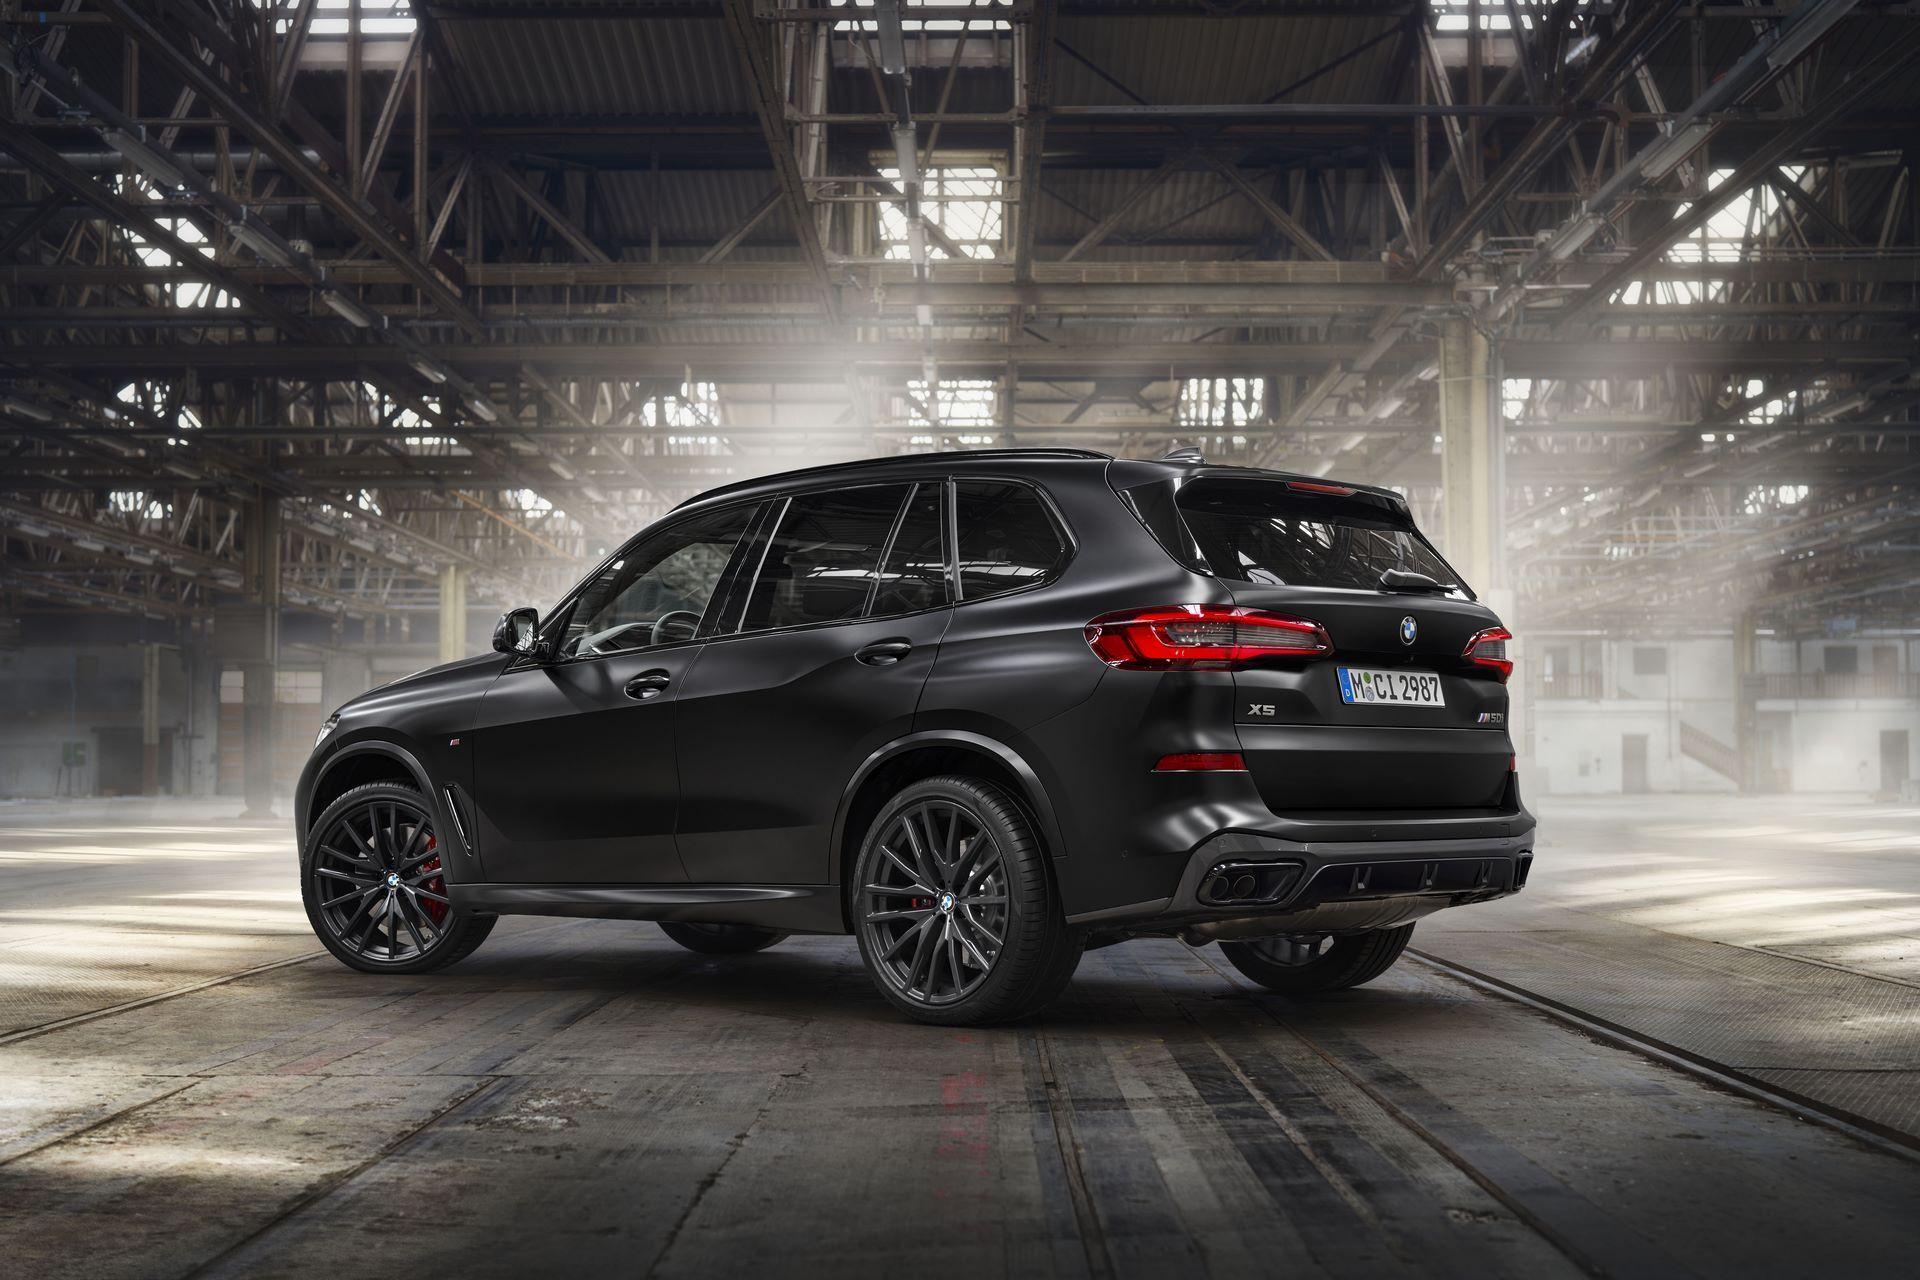 BMW-X5-Χ6-Black-Vermilion-X7-Limited-Edition-5